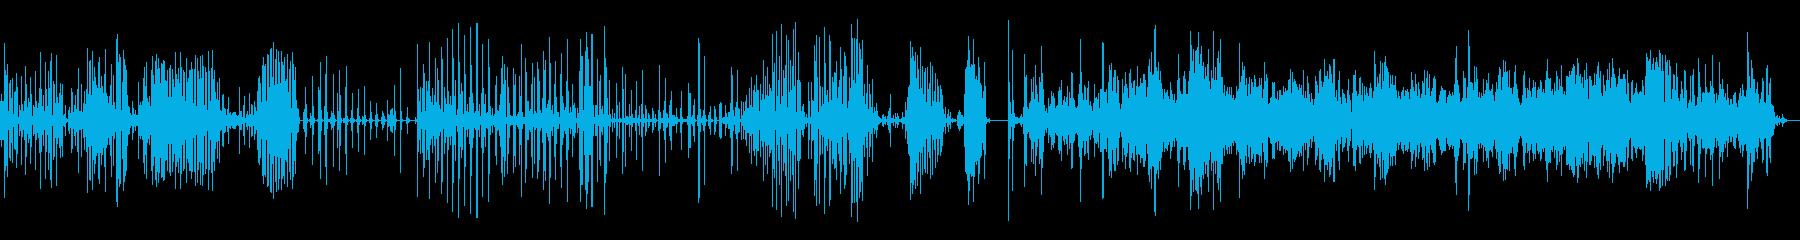 ブラッシングティースバスルームの再生済みの波形